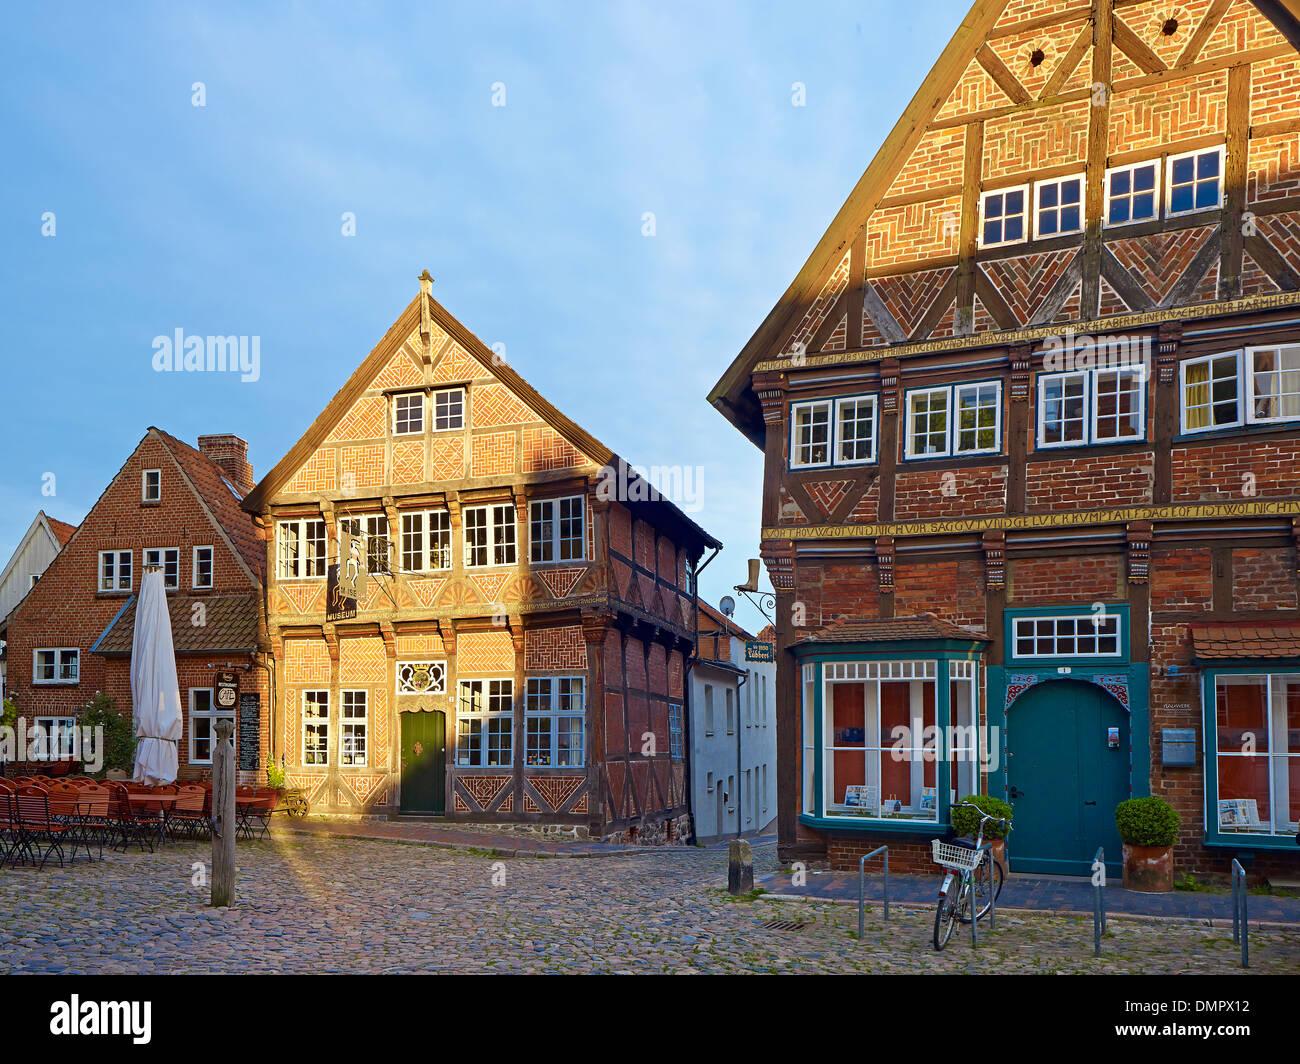 Eulenspiegel museum at marketplace in Mölln, Herzogtum Lauenburg, Schleswig-Holstein, Germany - Stock Image